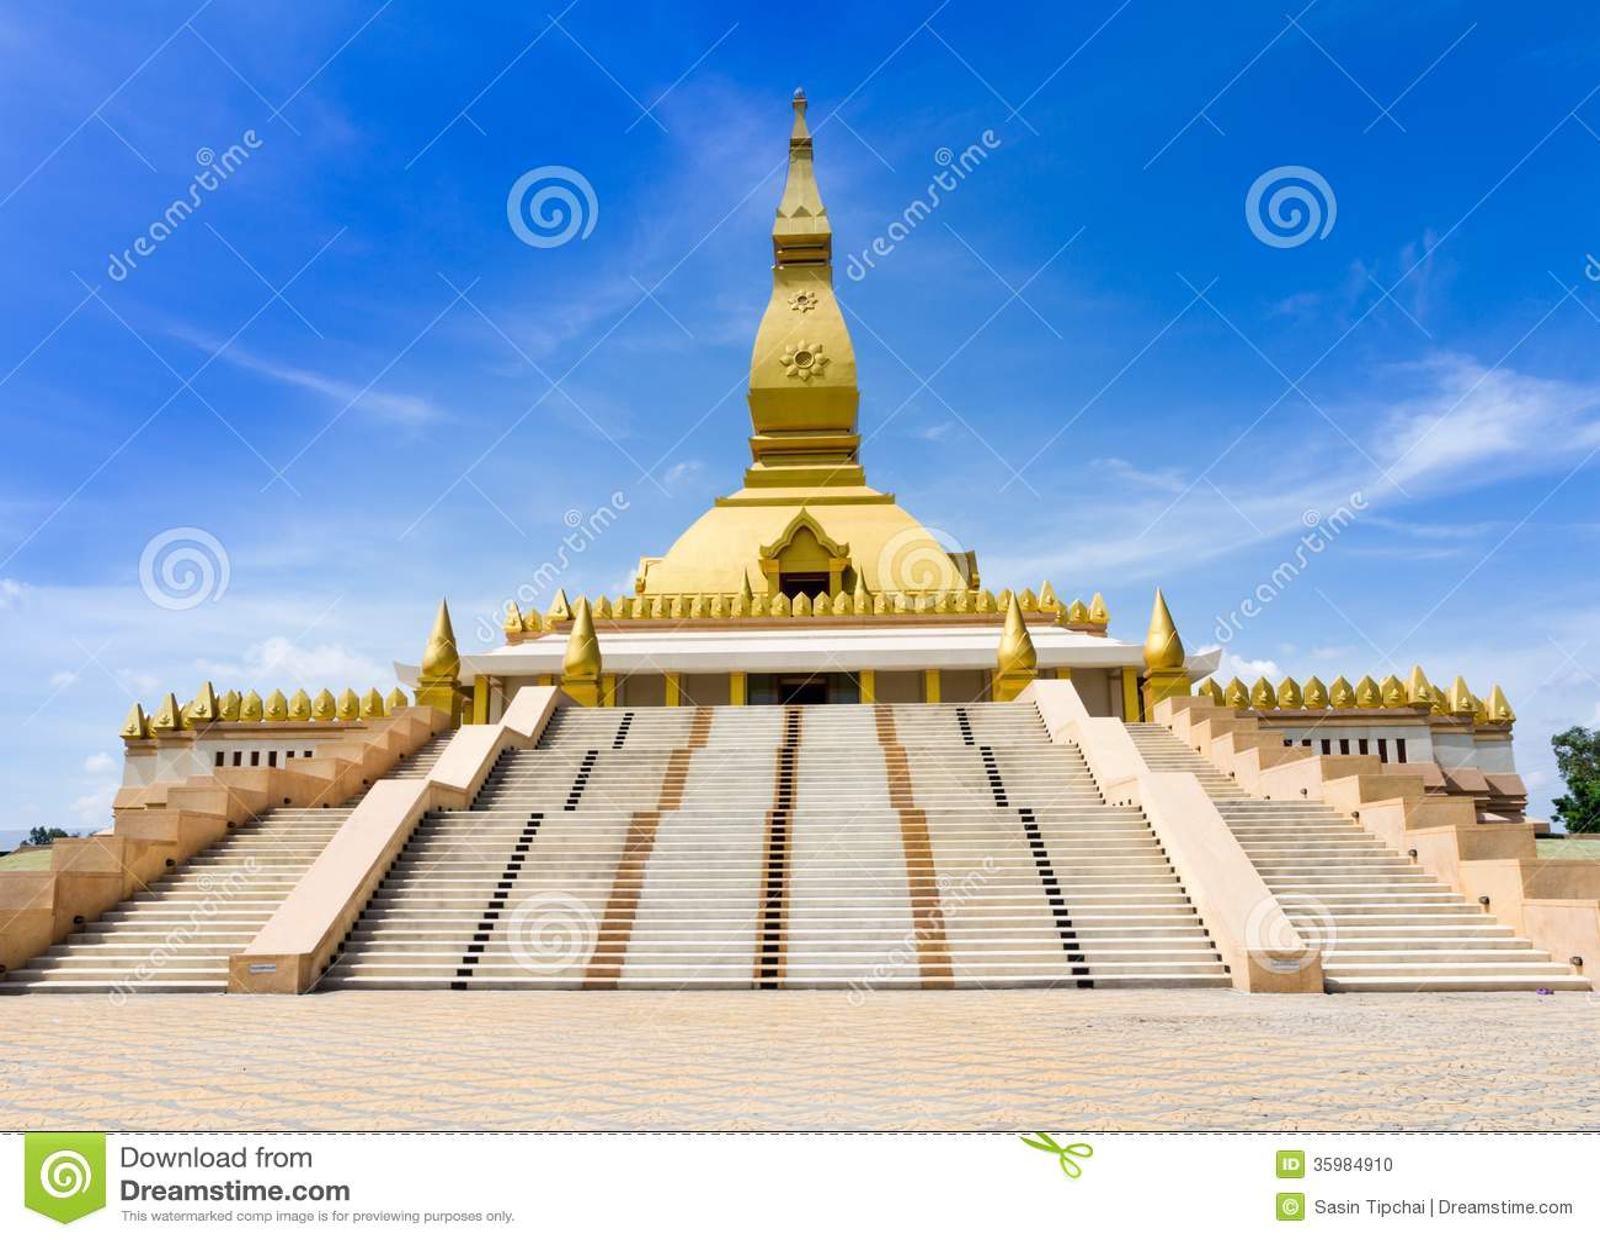 Roi Et Thailand  City pictures : Pagoda Mahabua, Roi Et, Thailand.